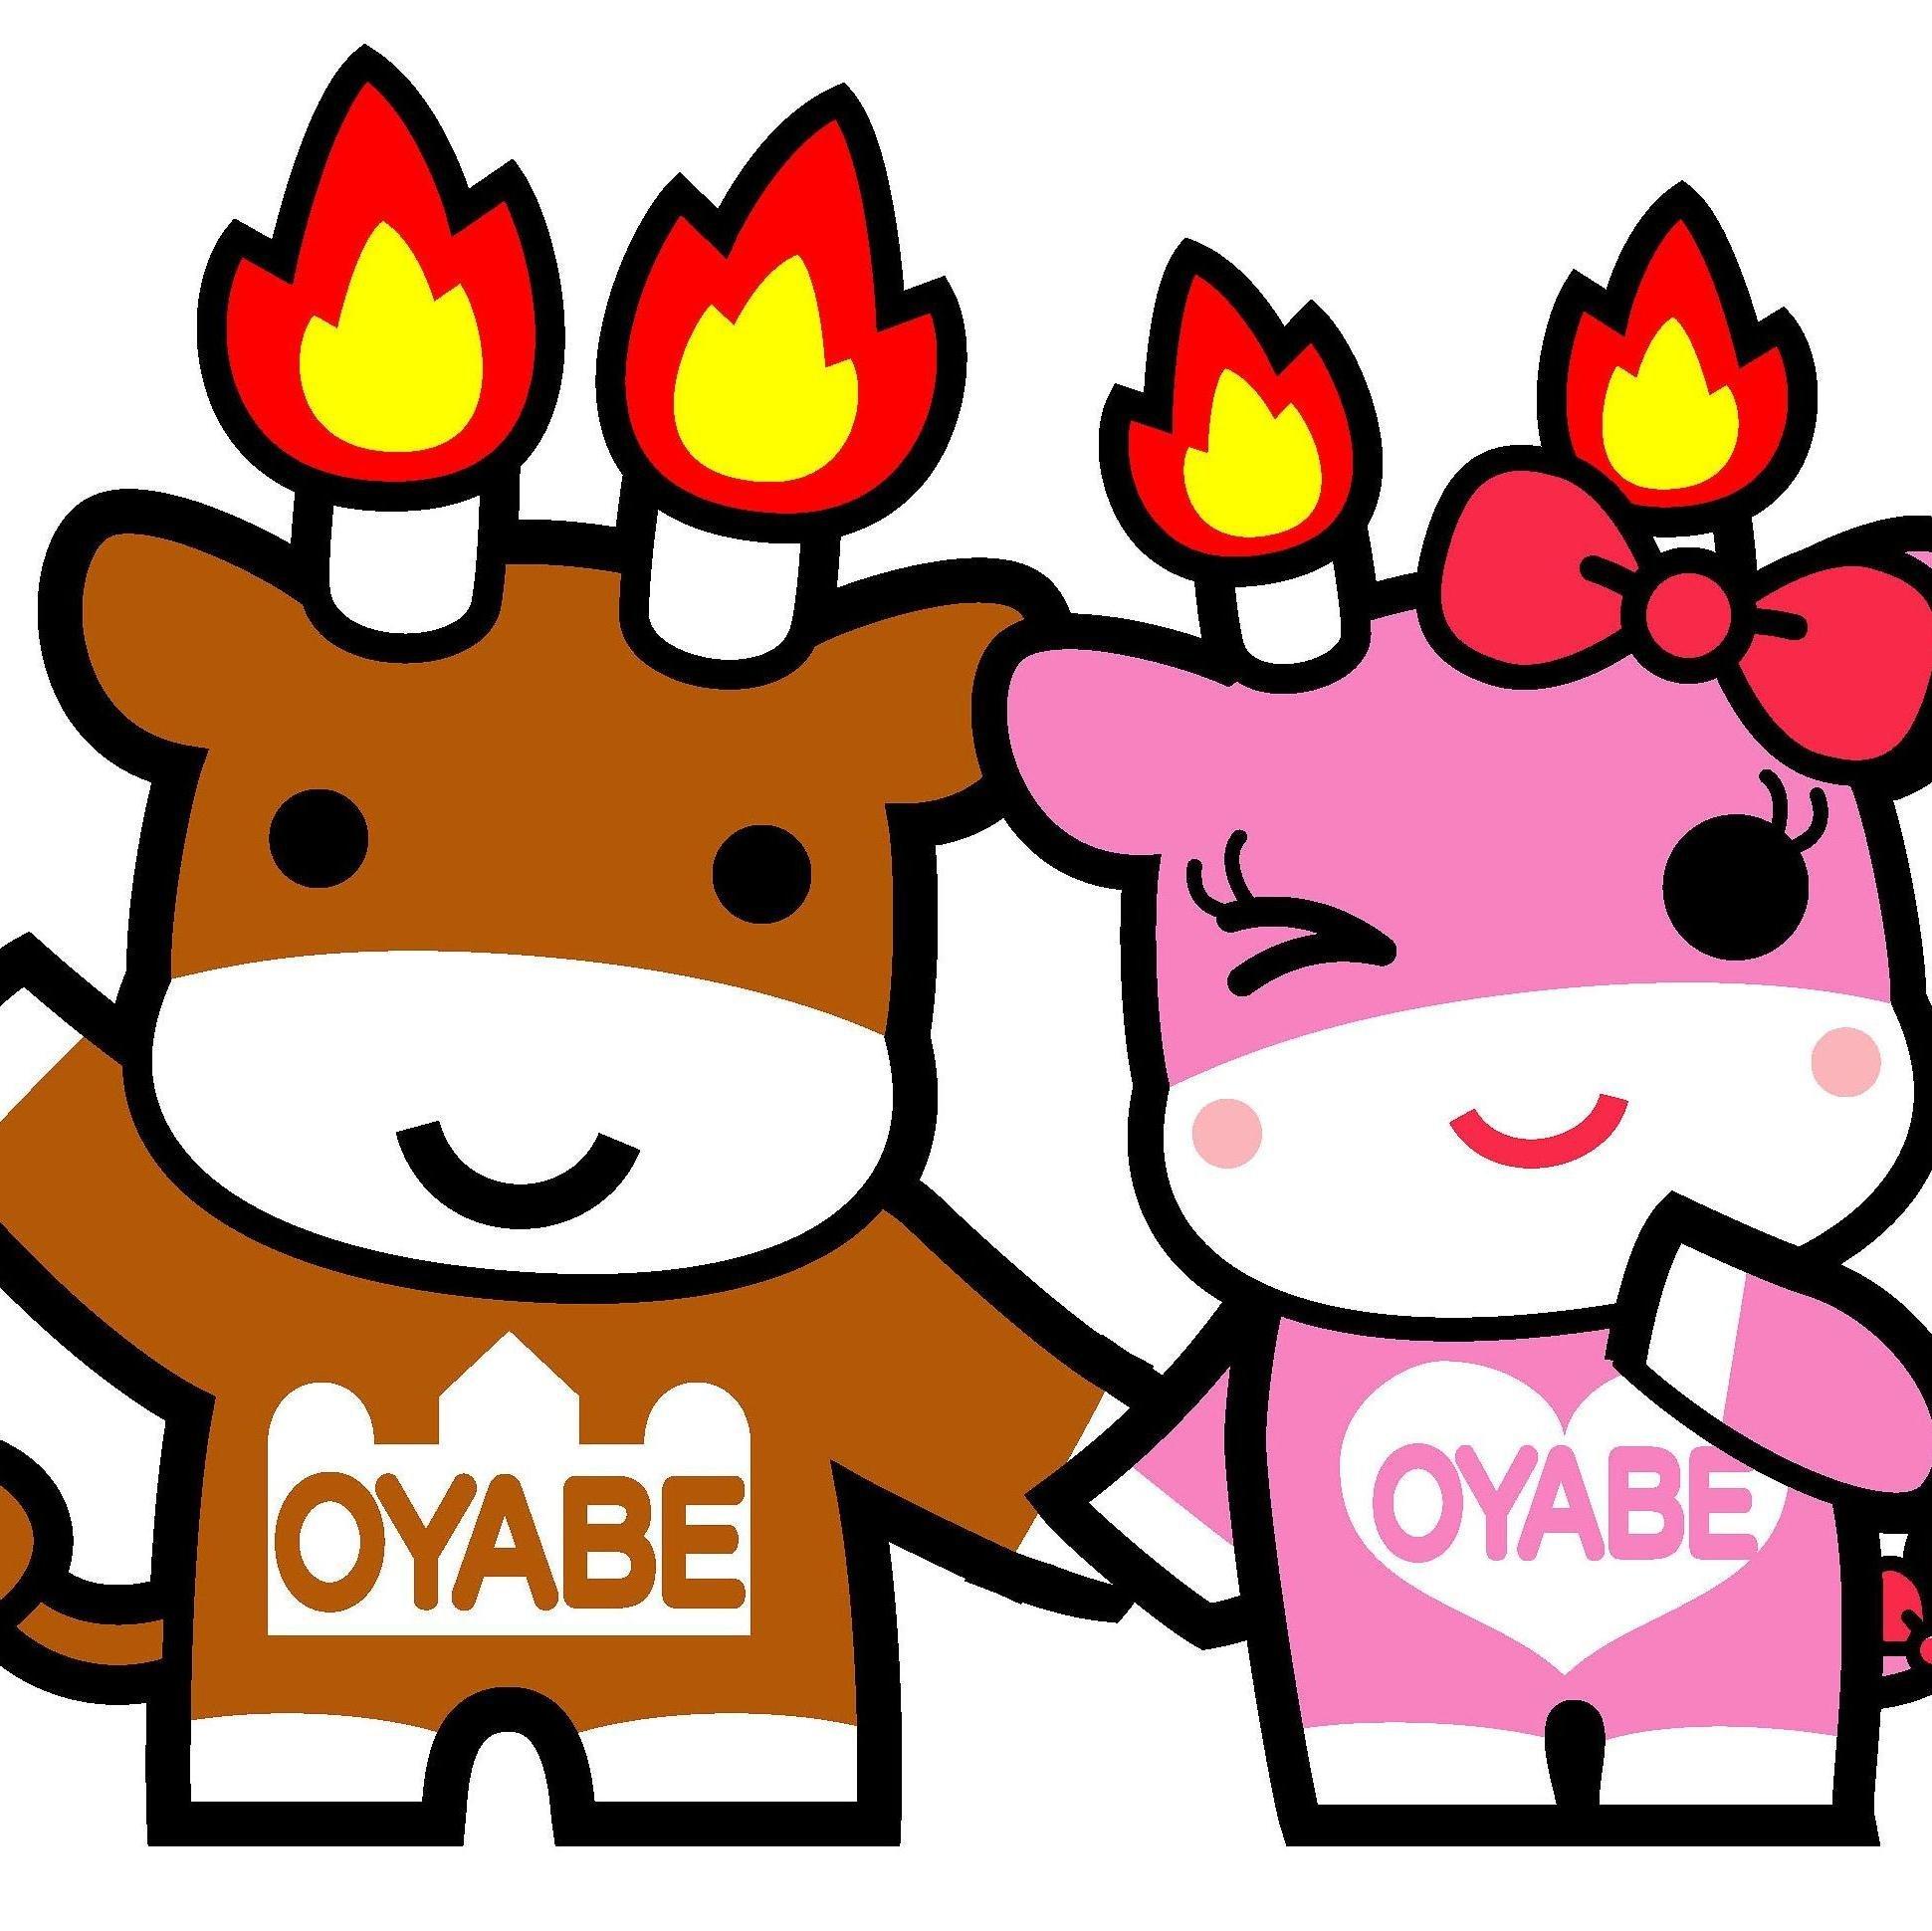 小矢部市観光協会 (@oyabeinfo) | Twitter